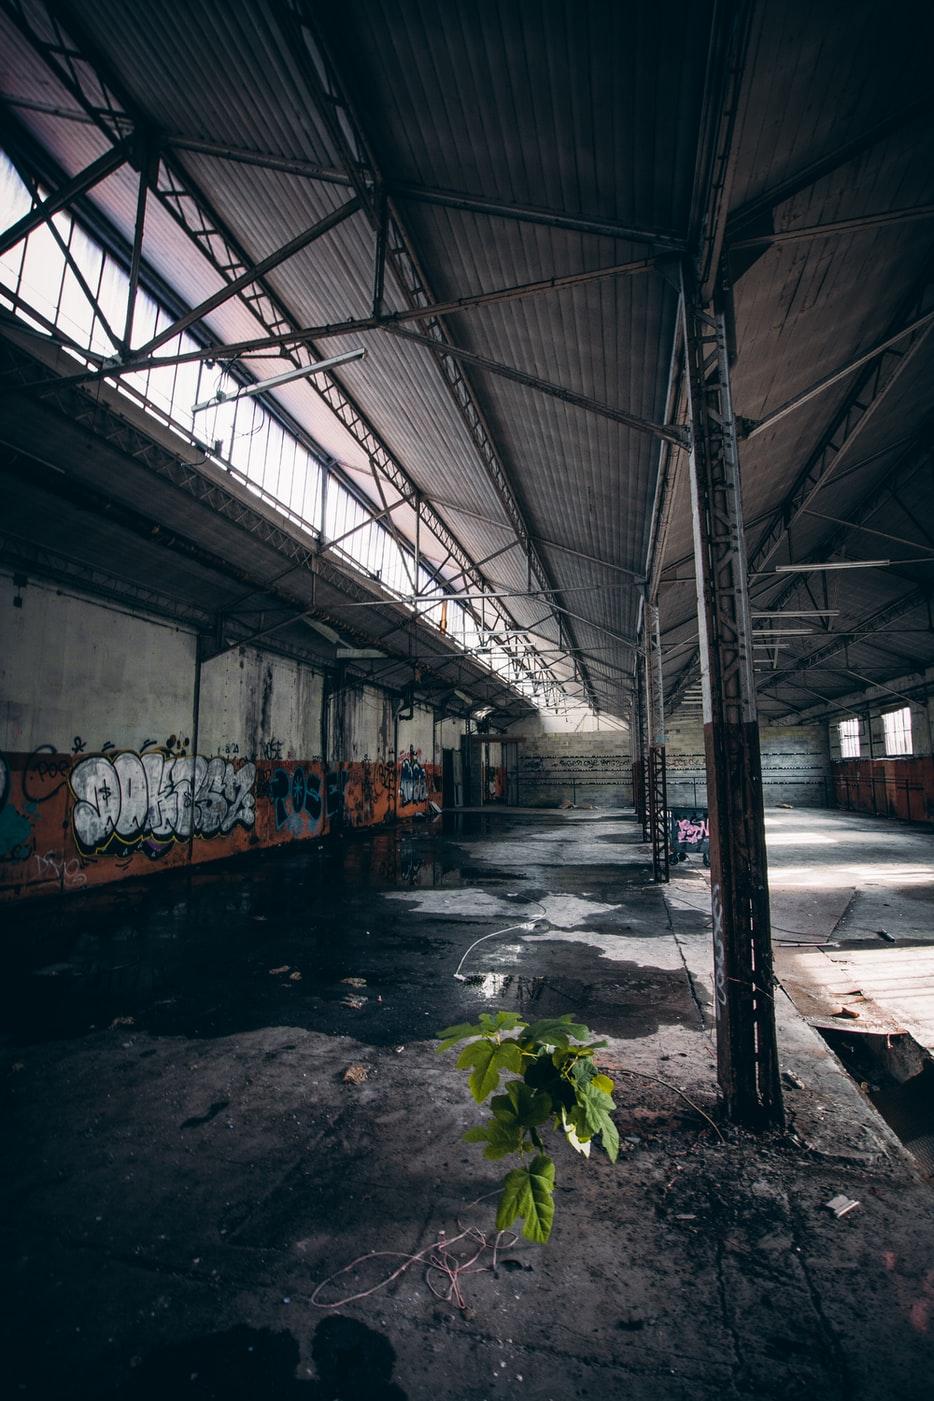 Miami's Krome Insane Asylum - Photo